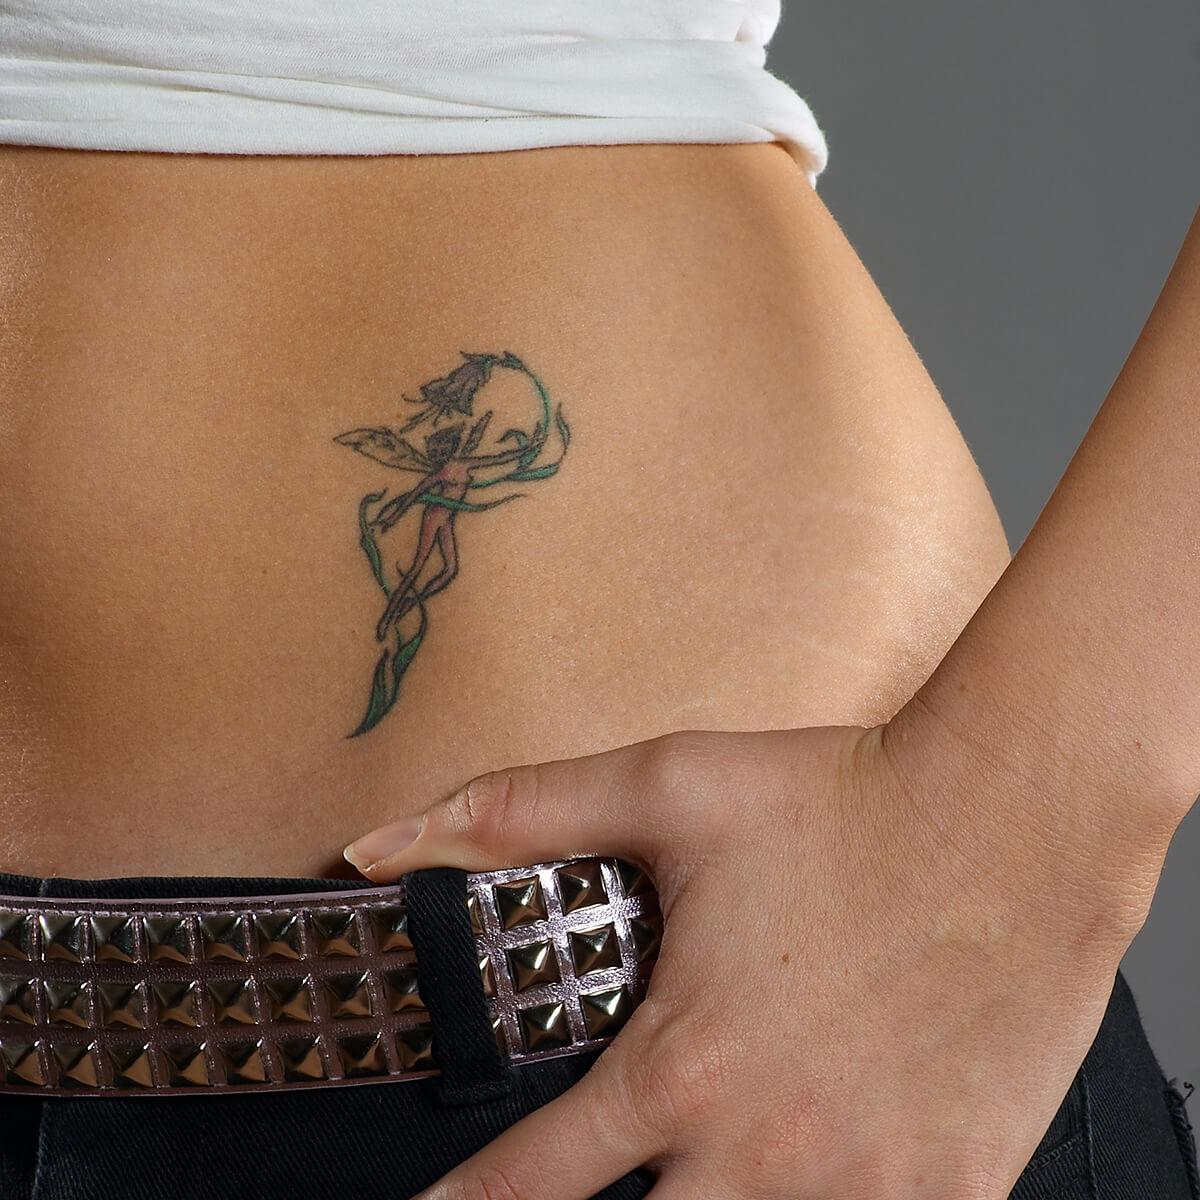 1-lower-stomach-tattoo.jpg